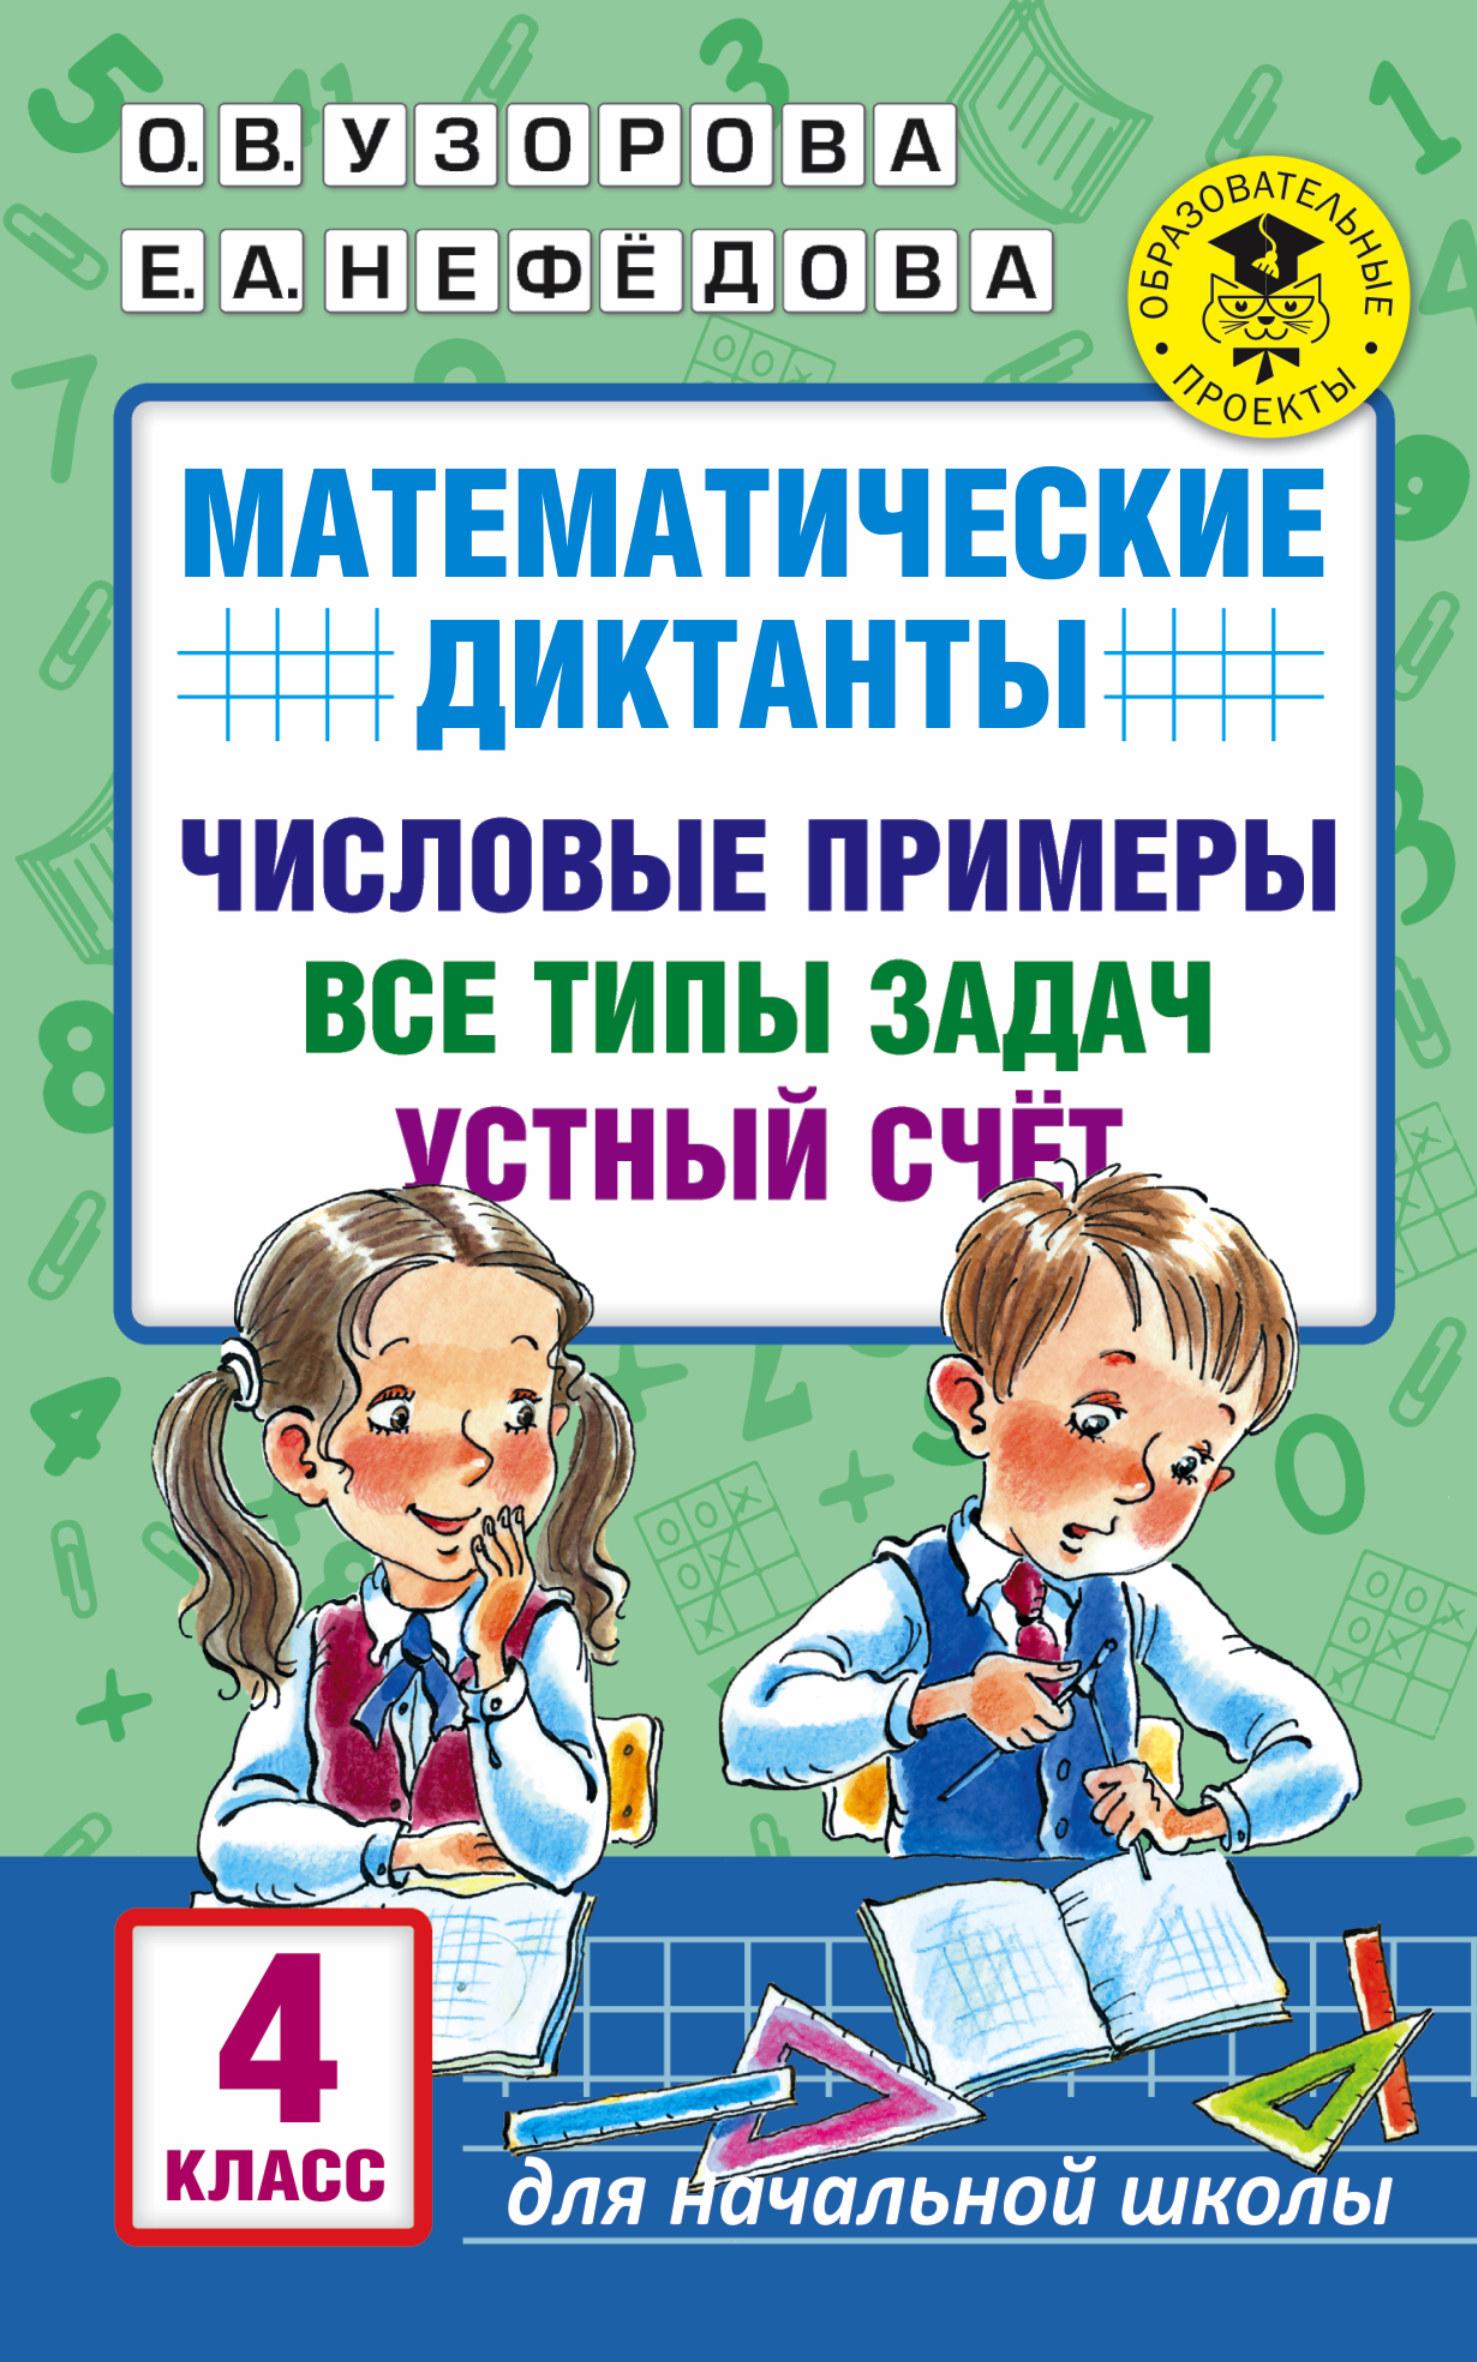 Узорова О. В.; Нефедова Елена Алексеевна Математические диктанты. 4 класс. Числовые примеры. Все типы задач. Устный счёт